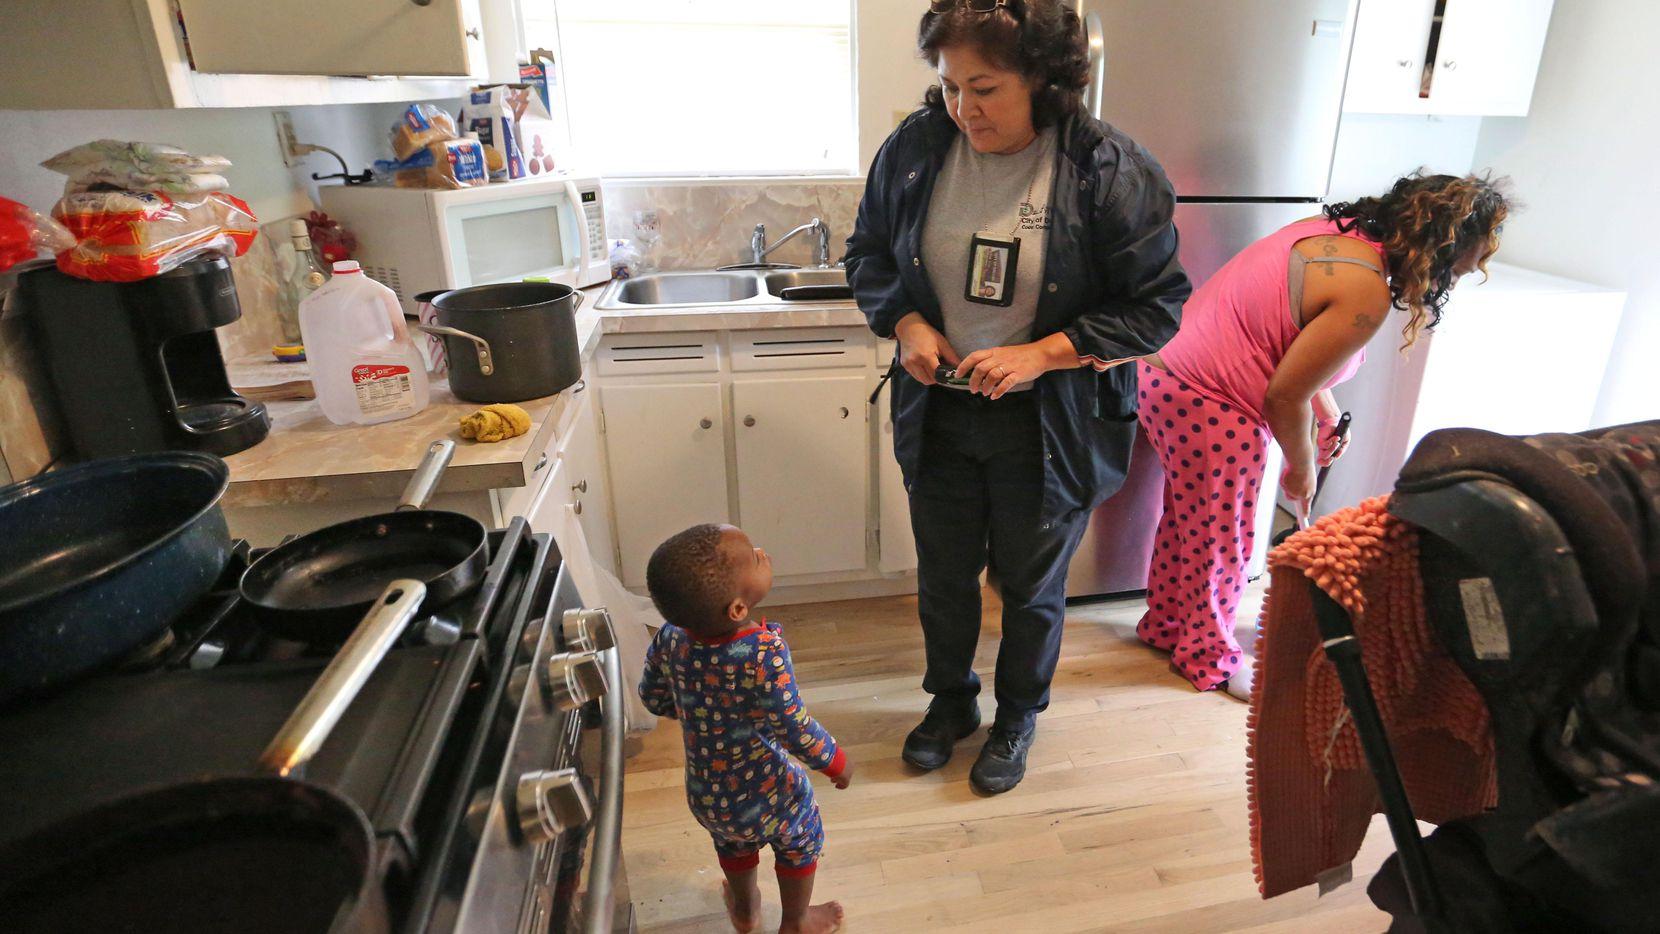 Diana Conde (centro) realiza una inspección en una casa en Hamilton Park, al norte de Dallas. Los caseros de propiedades baratas han logrado evadir el control municipal establecido hace un año. (DMN/LOUIS DeLUCA)